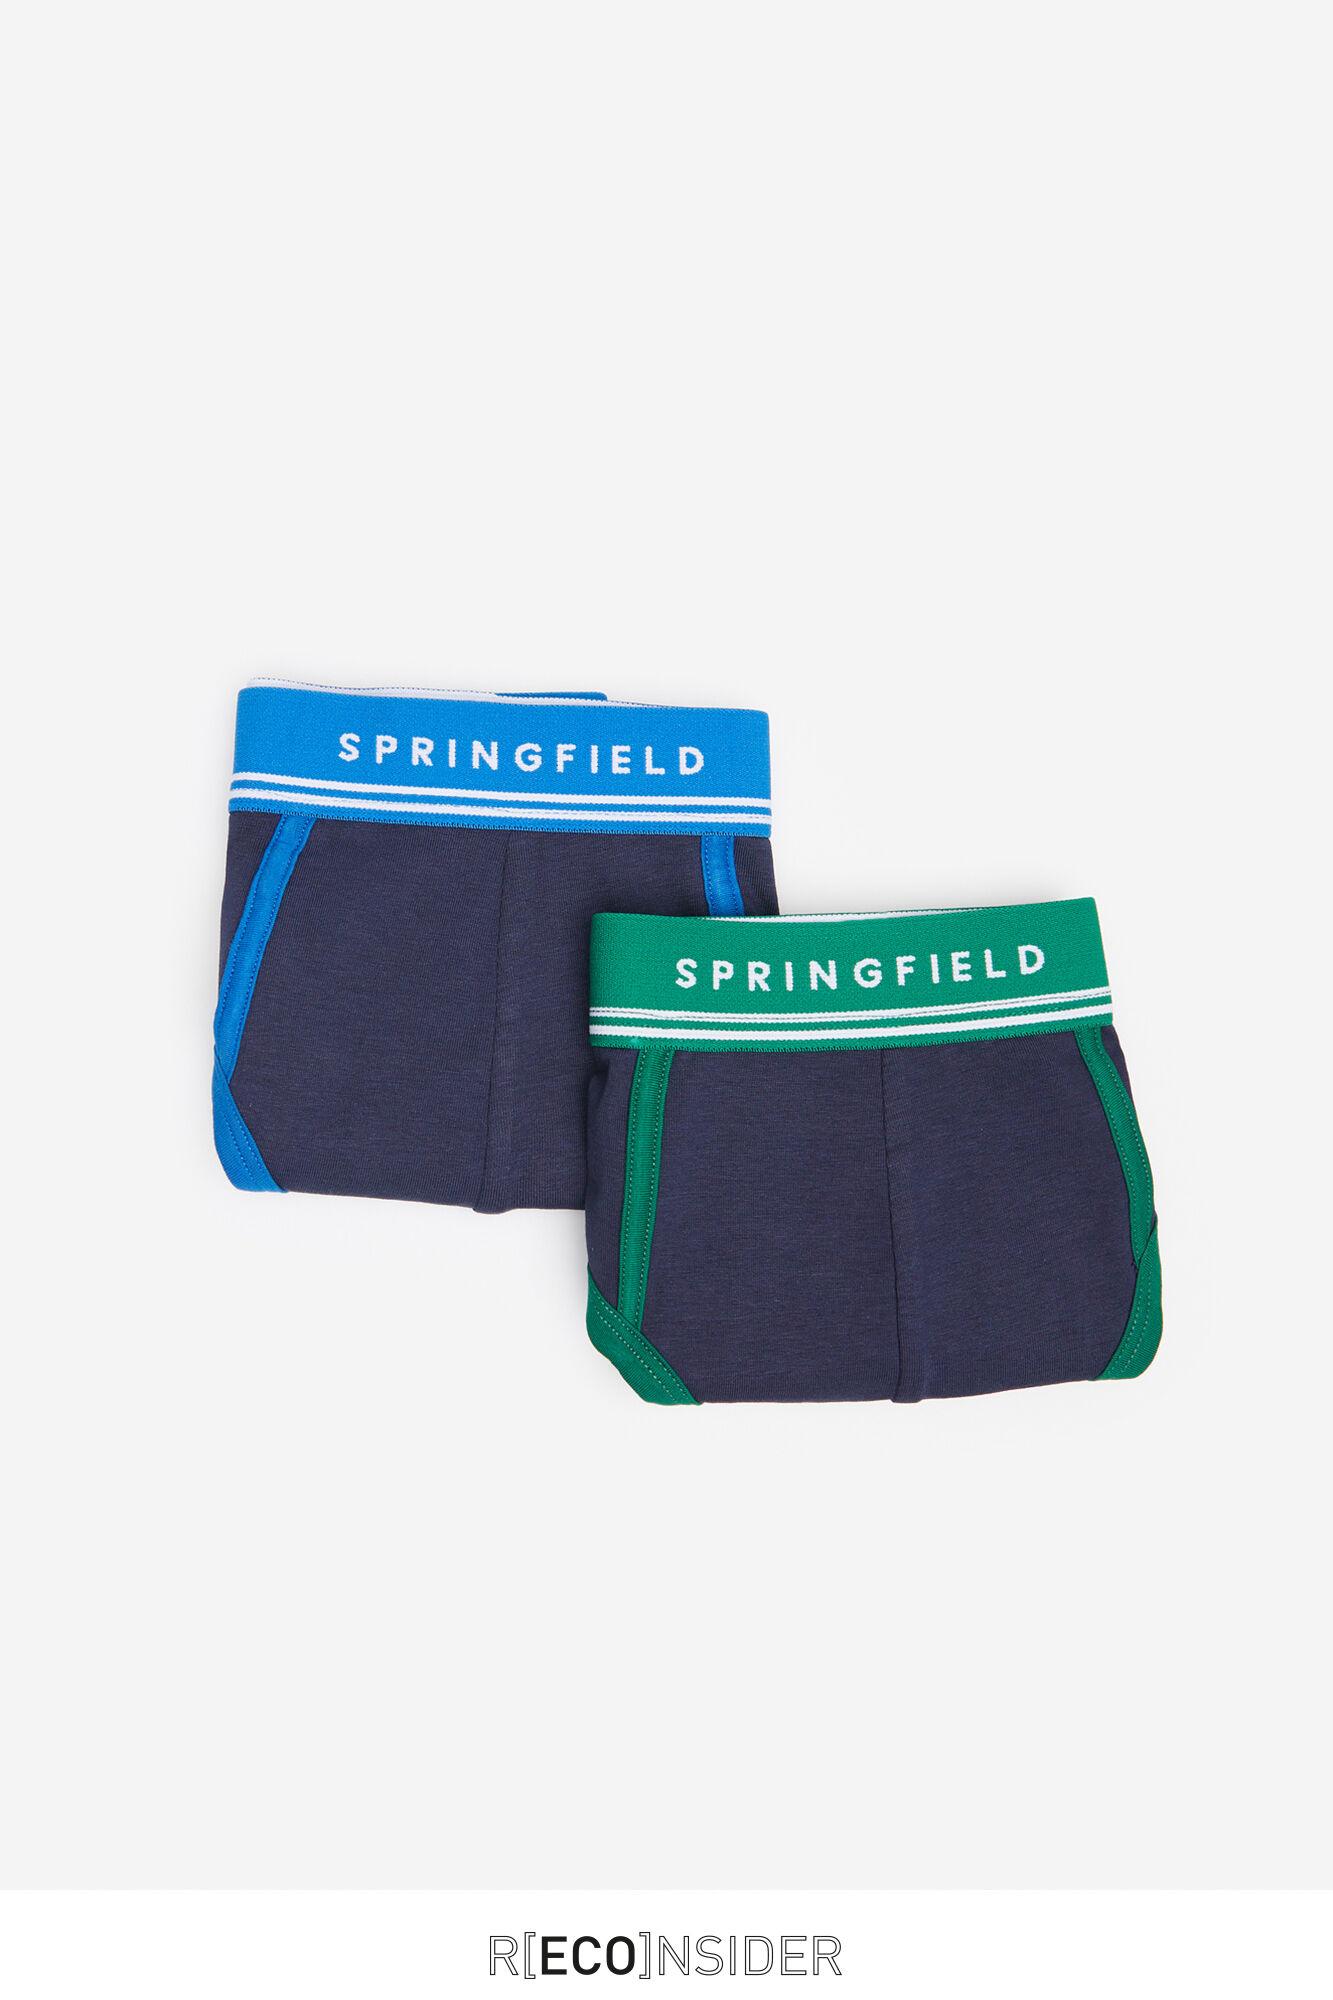 vía piloto Acompañar  calzoncillos hombre springfield - Tienda Online de Zapatos, Ropa y  Complementos de marca